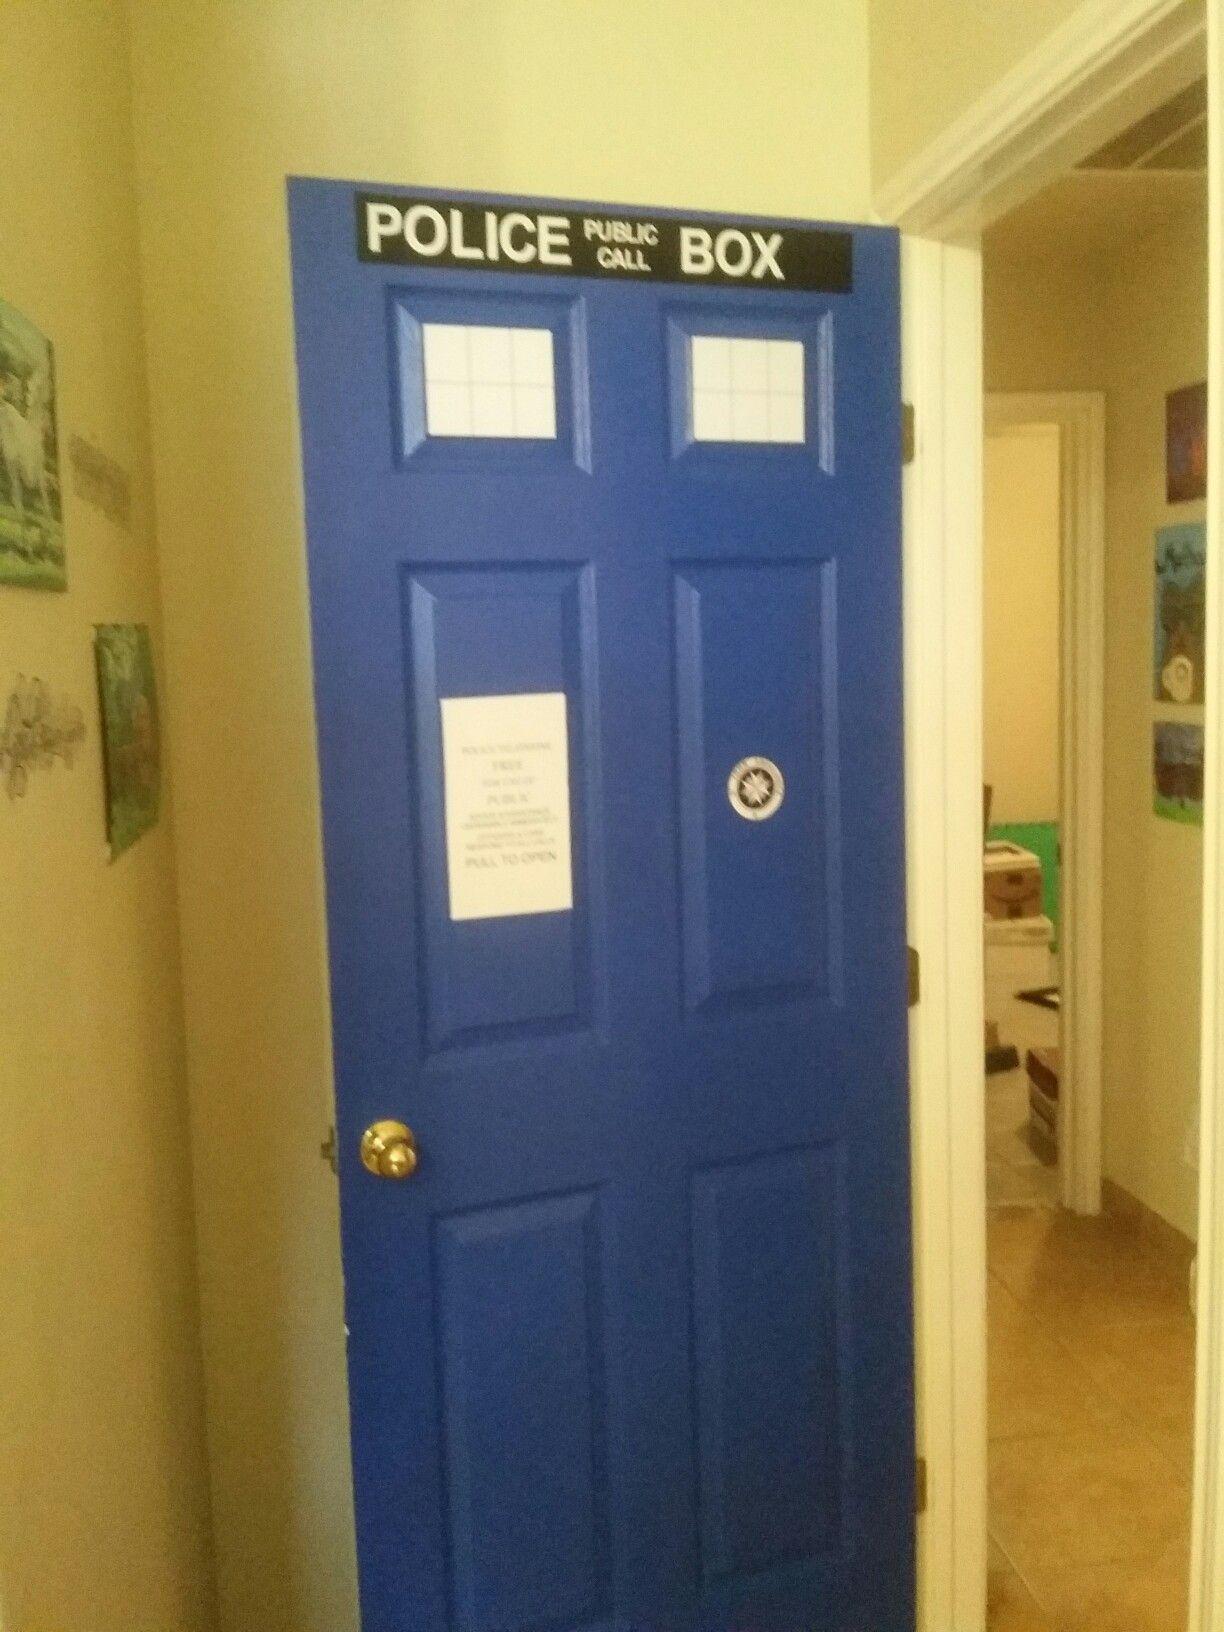 My Doctor Who Tardis door u2026 & My Doctor Who Tardis door u2026   Home ideas   Pinterest   Tardis door ...